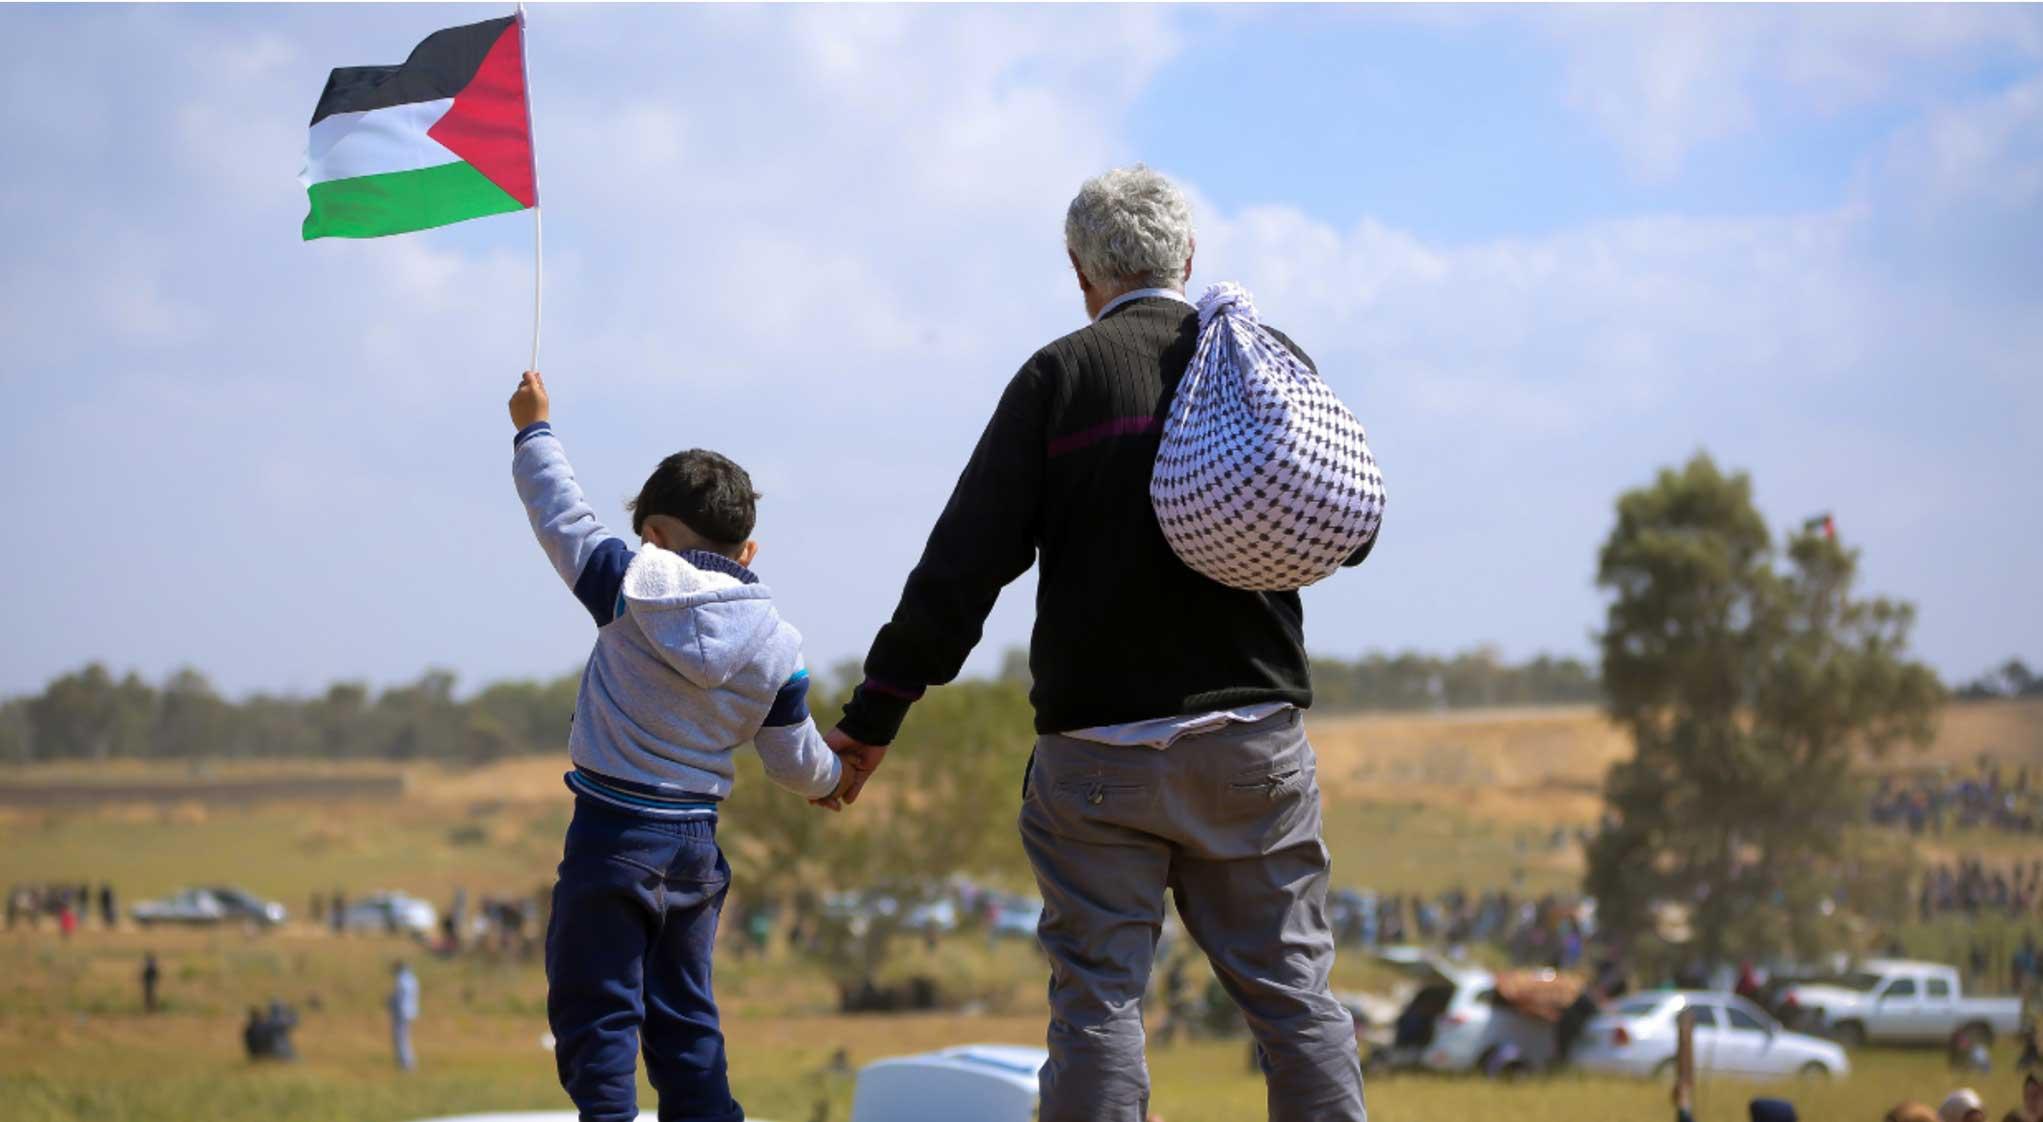 Padre e hijo con bandera palestina